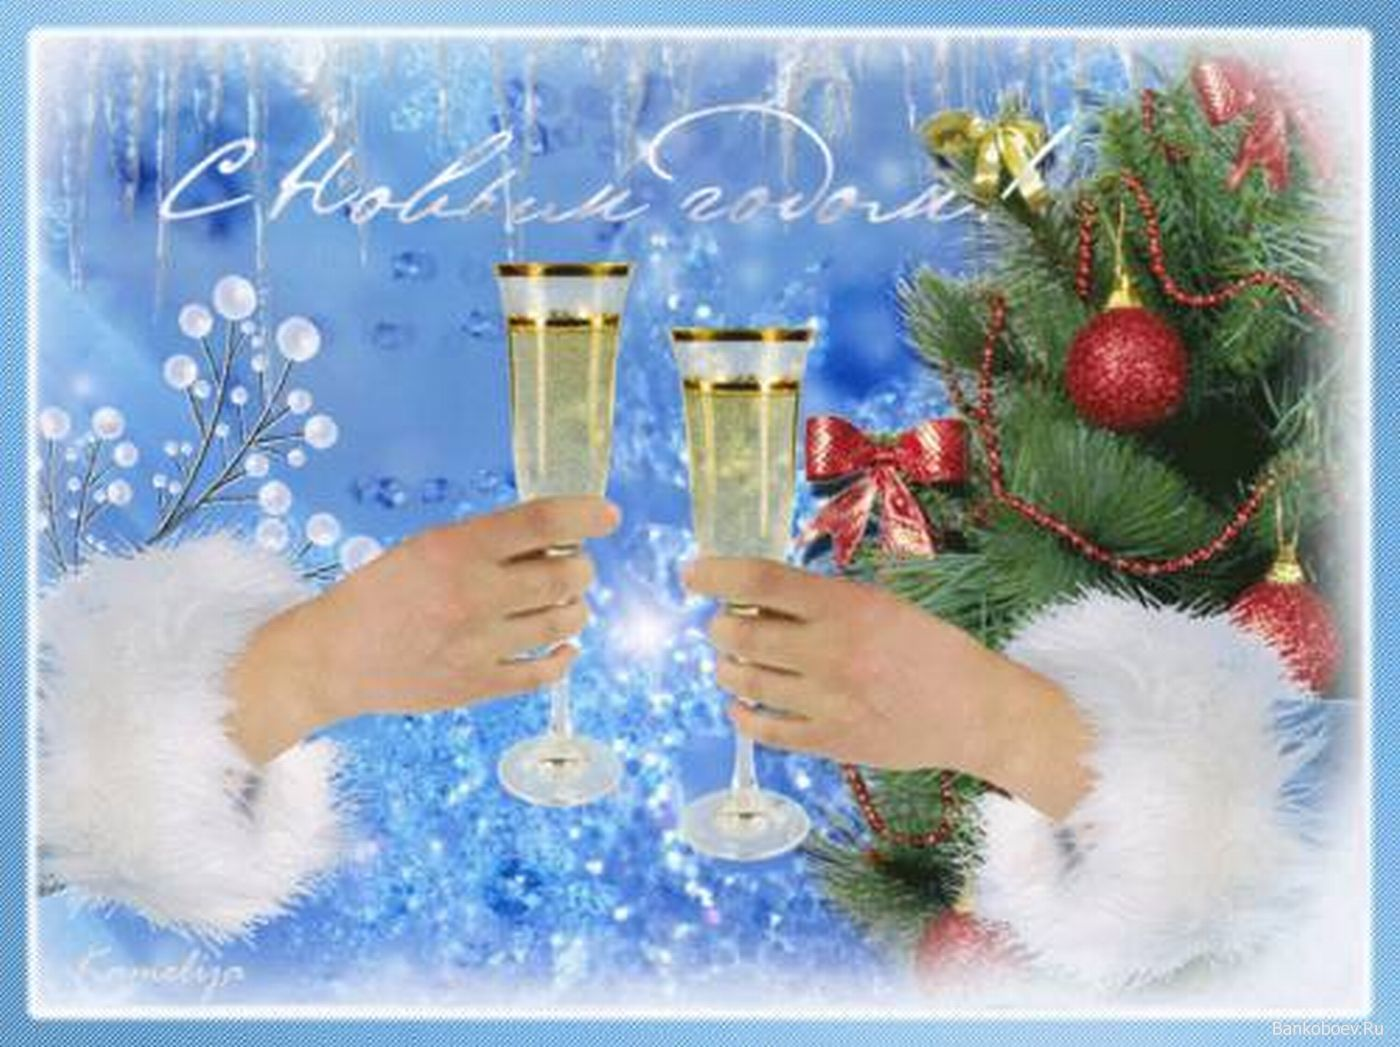 Поздравления с новым годом живые